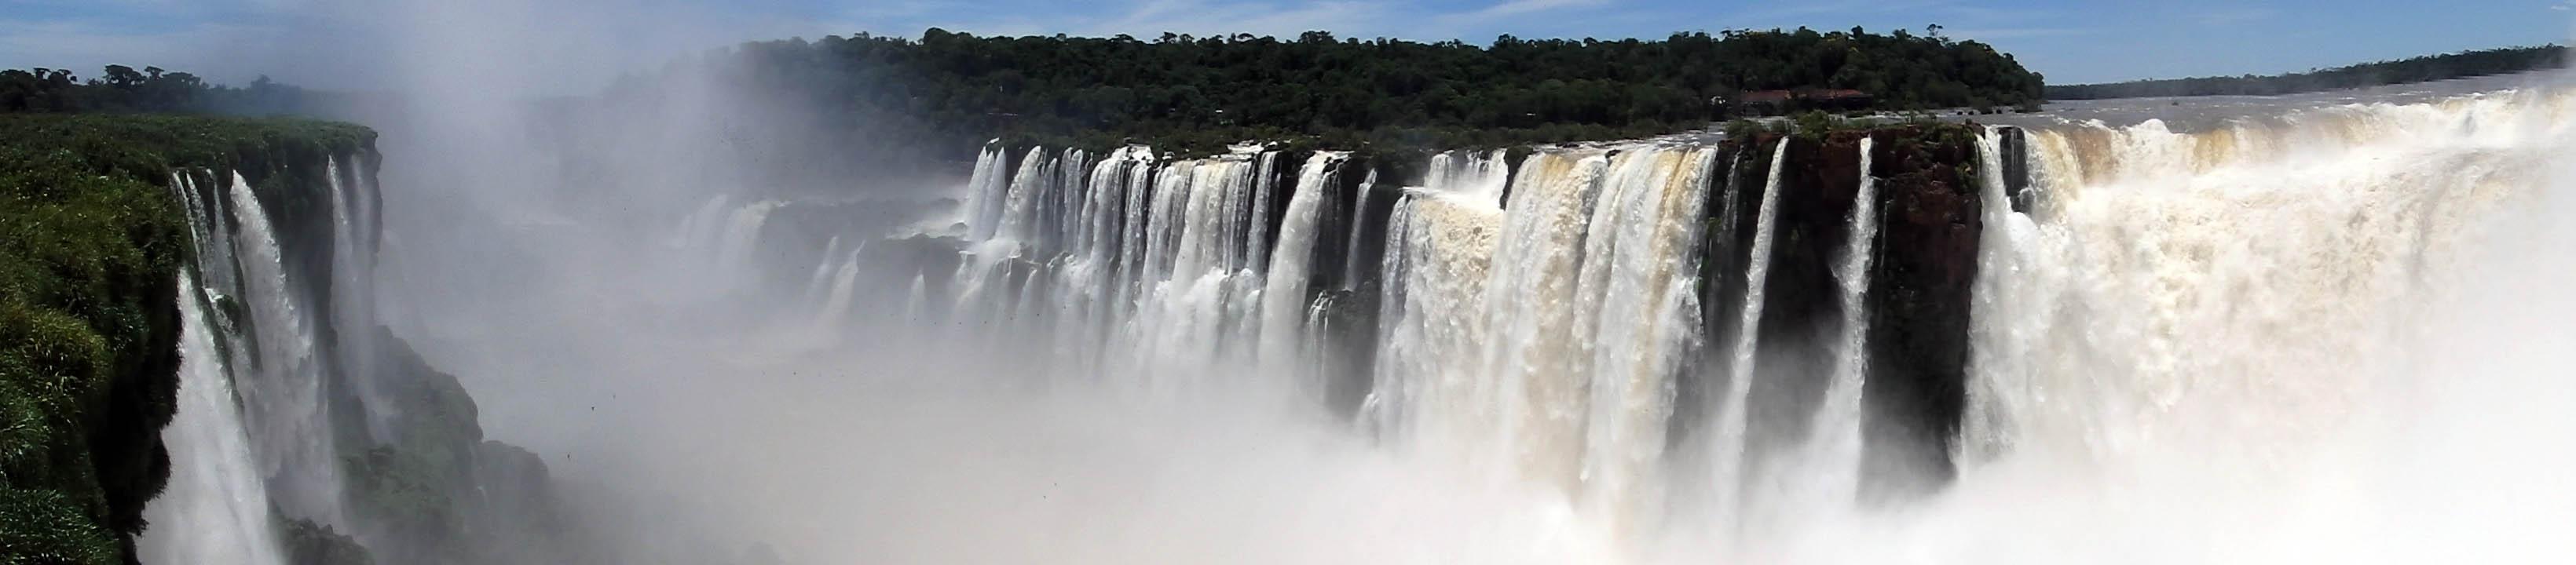 171212_Iguazu Cataratas75